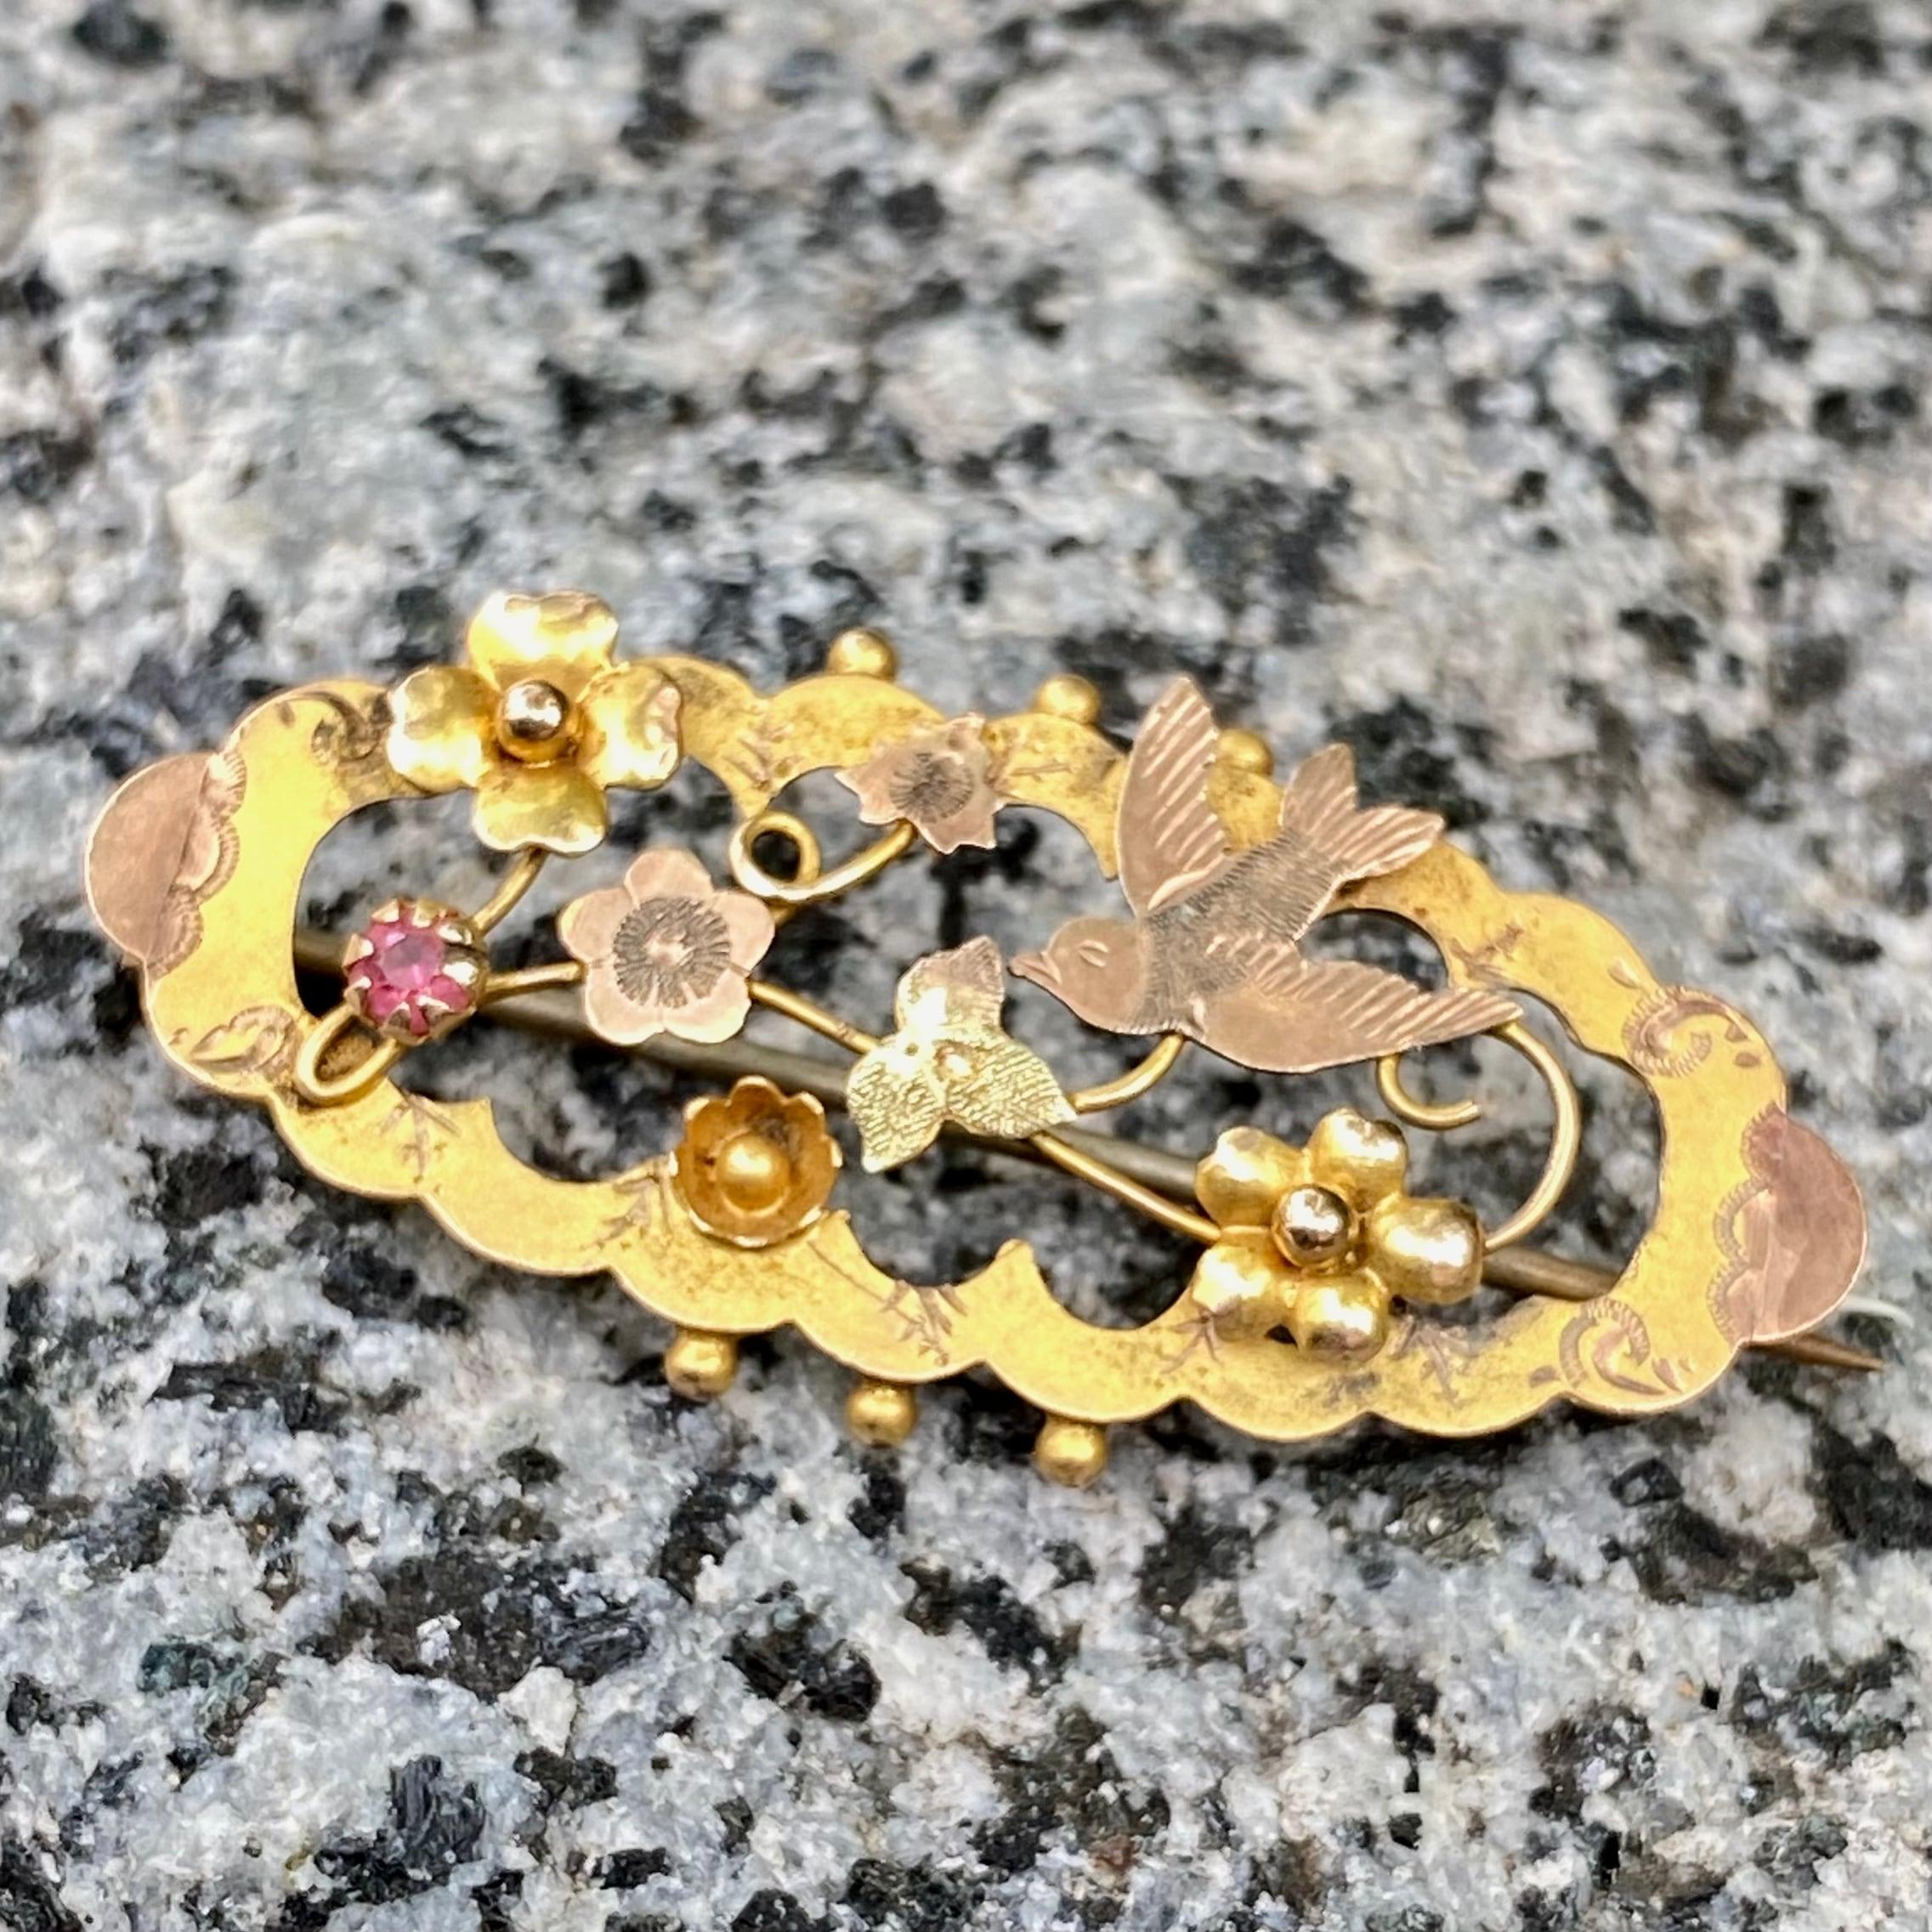 イギリス1900年前後 アンティークブローチ花とツバメ✨9金✨